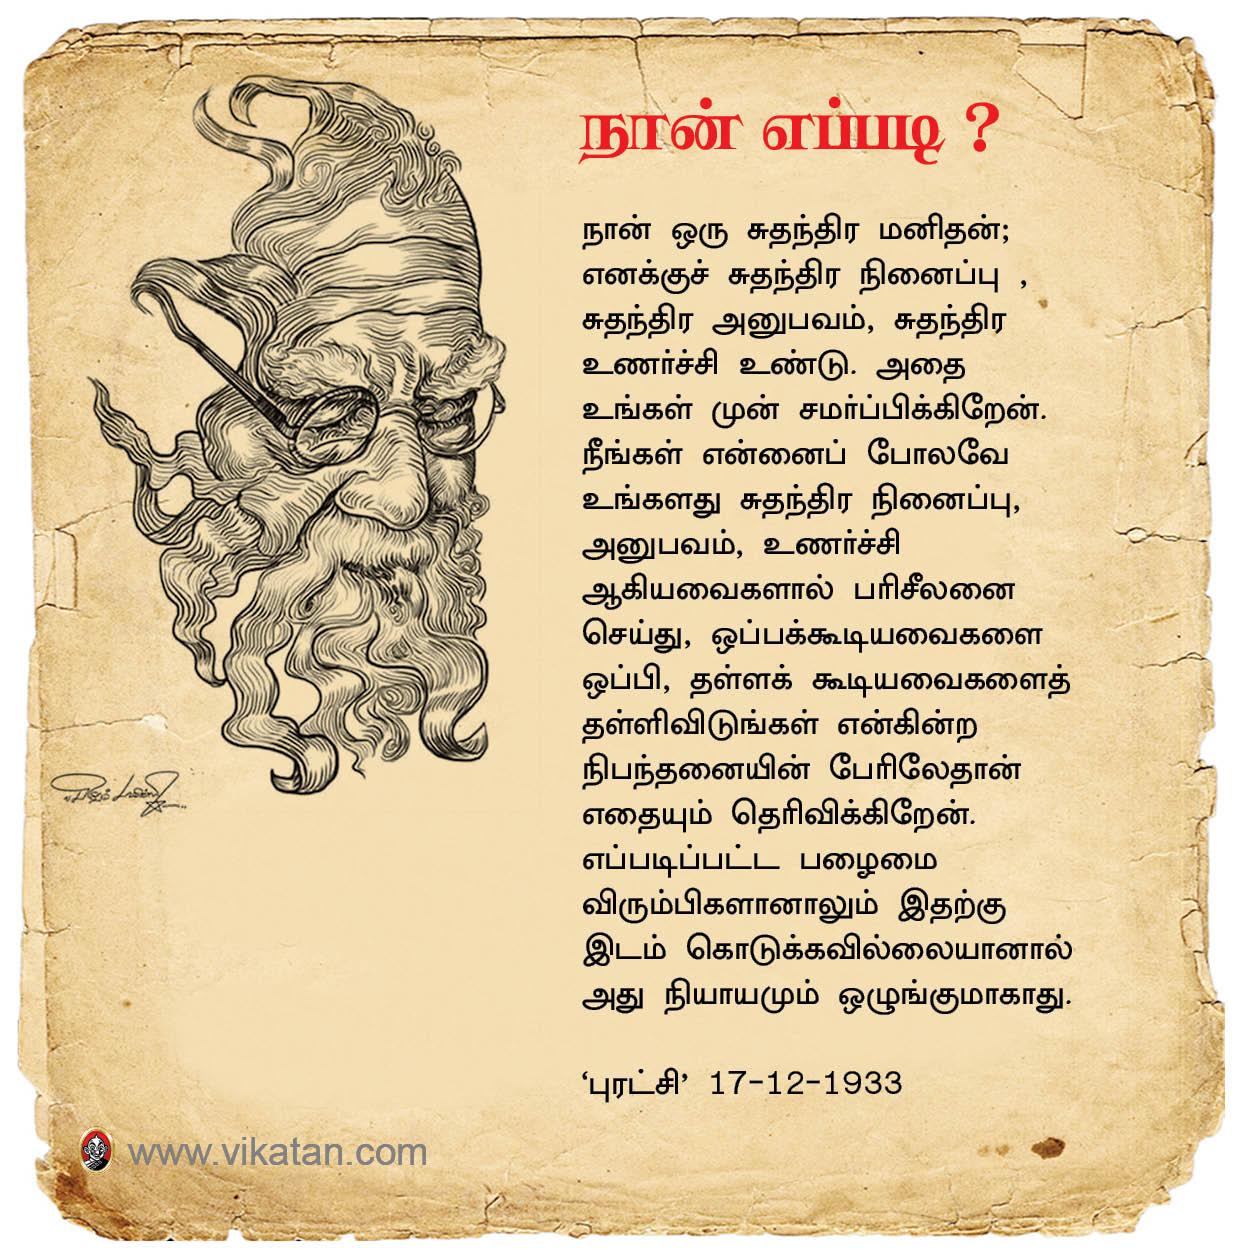 `நான் தீர்க்கதரிசியல்ல... சாதாரண மனிதன்... பிறவித் தொண்டன்!' - பெரியார் #VikatanPhotoCards